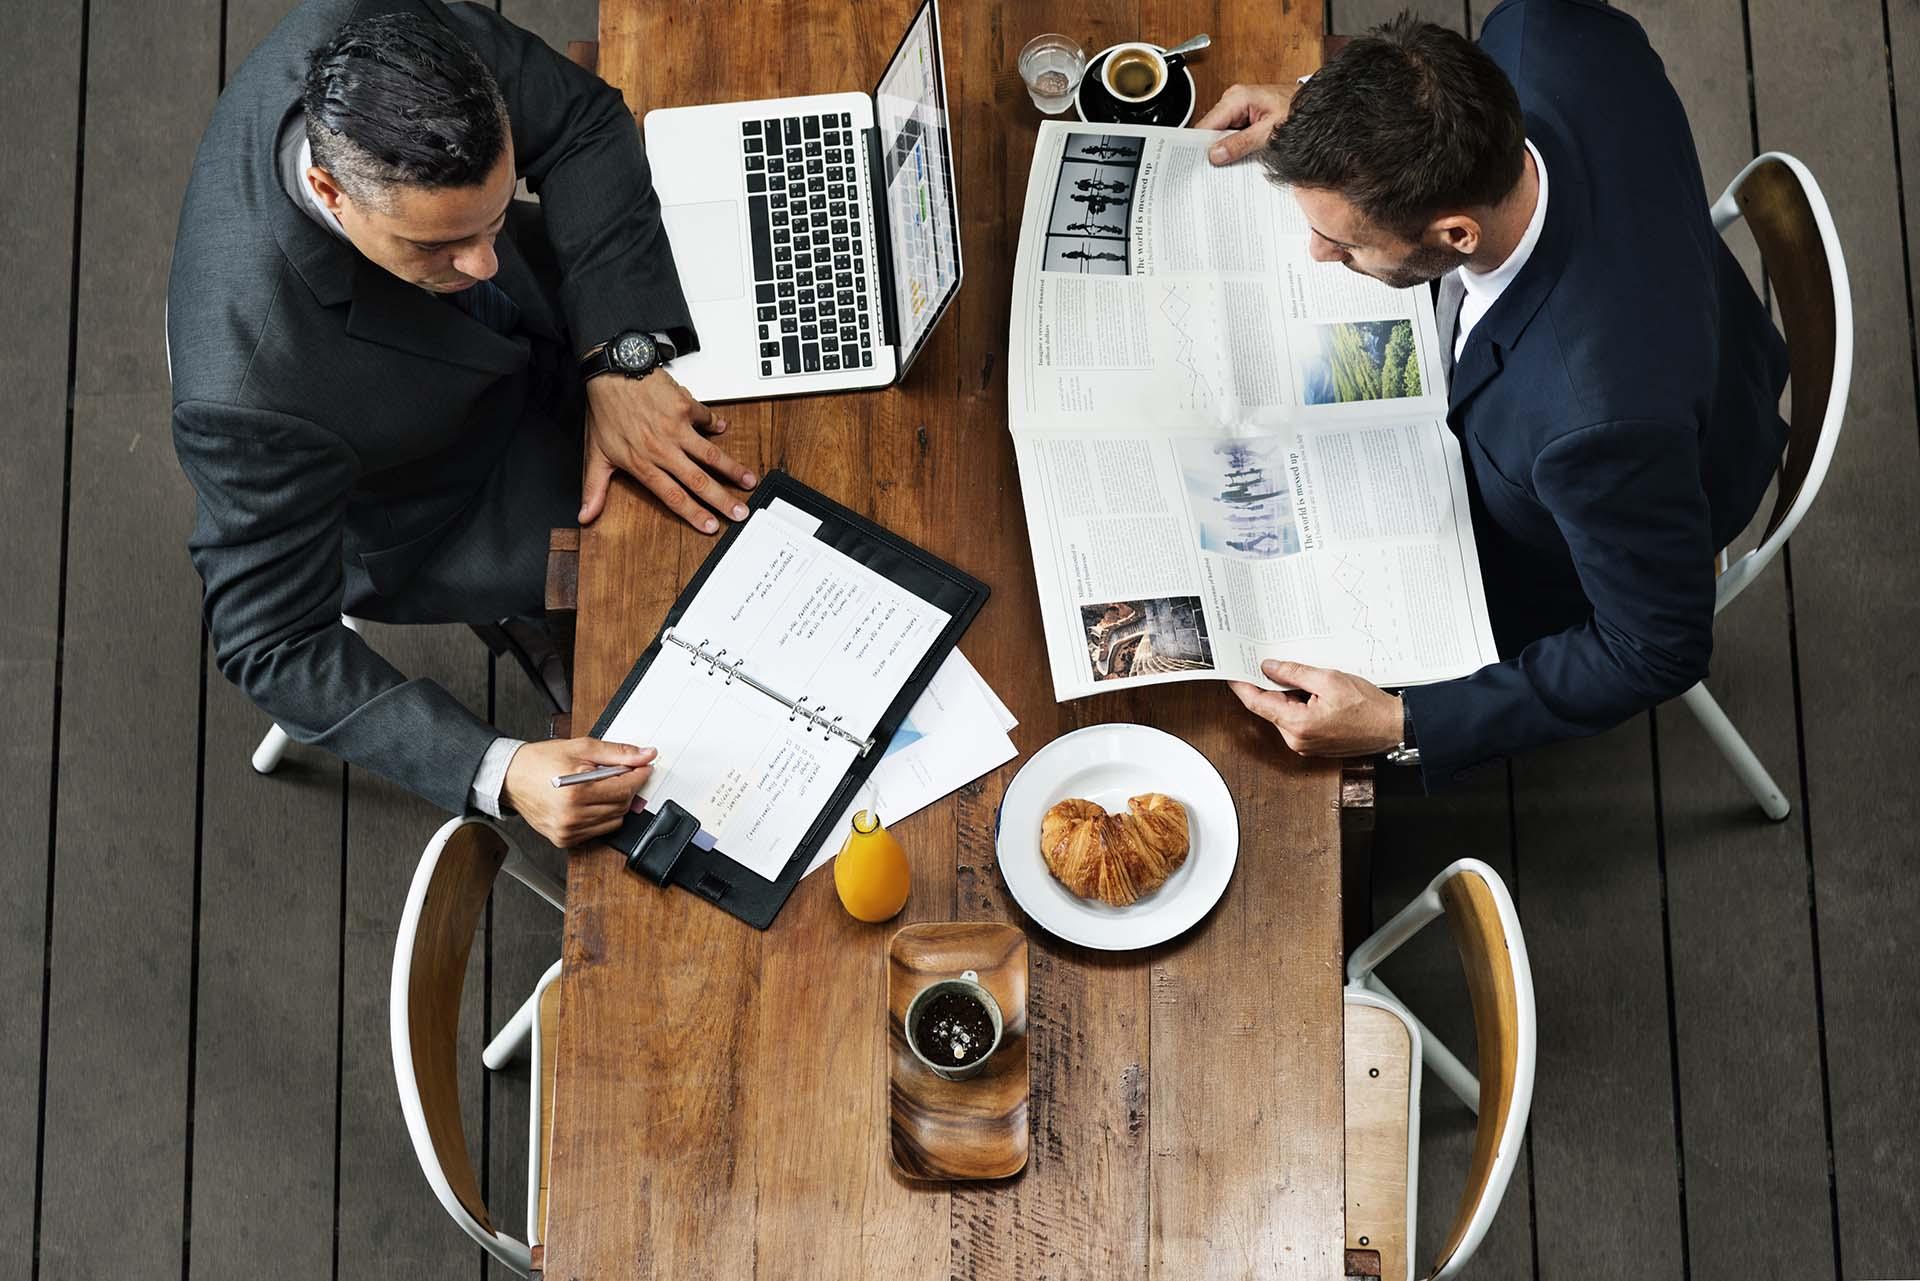 Śniadanie biznesowe w Toruniu: Zmiany w transakcjach wewnątrzunijnych 2020